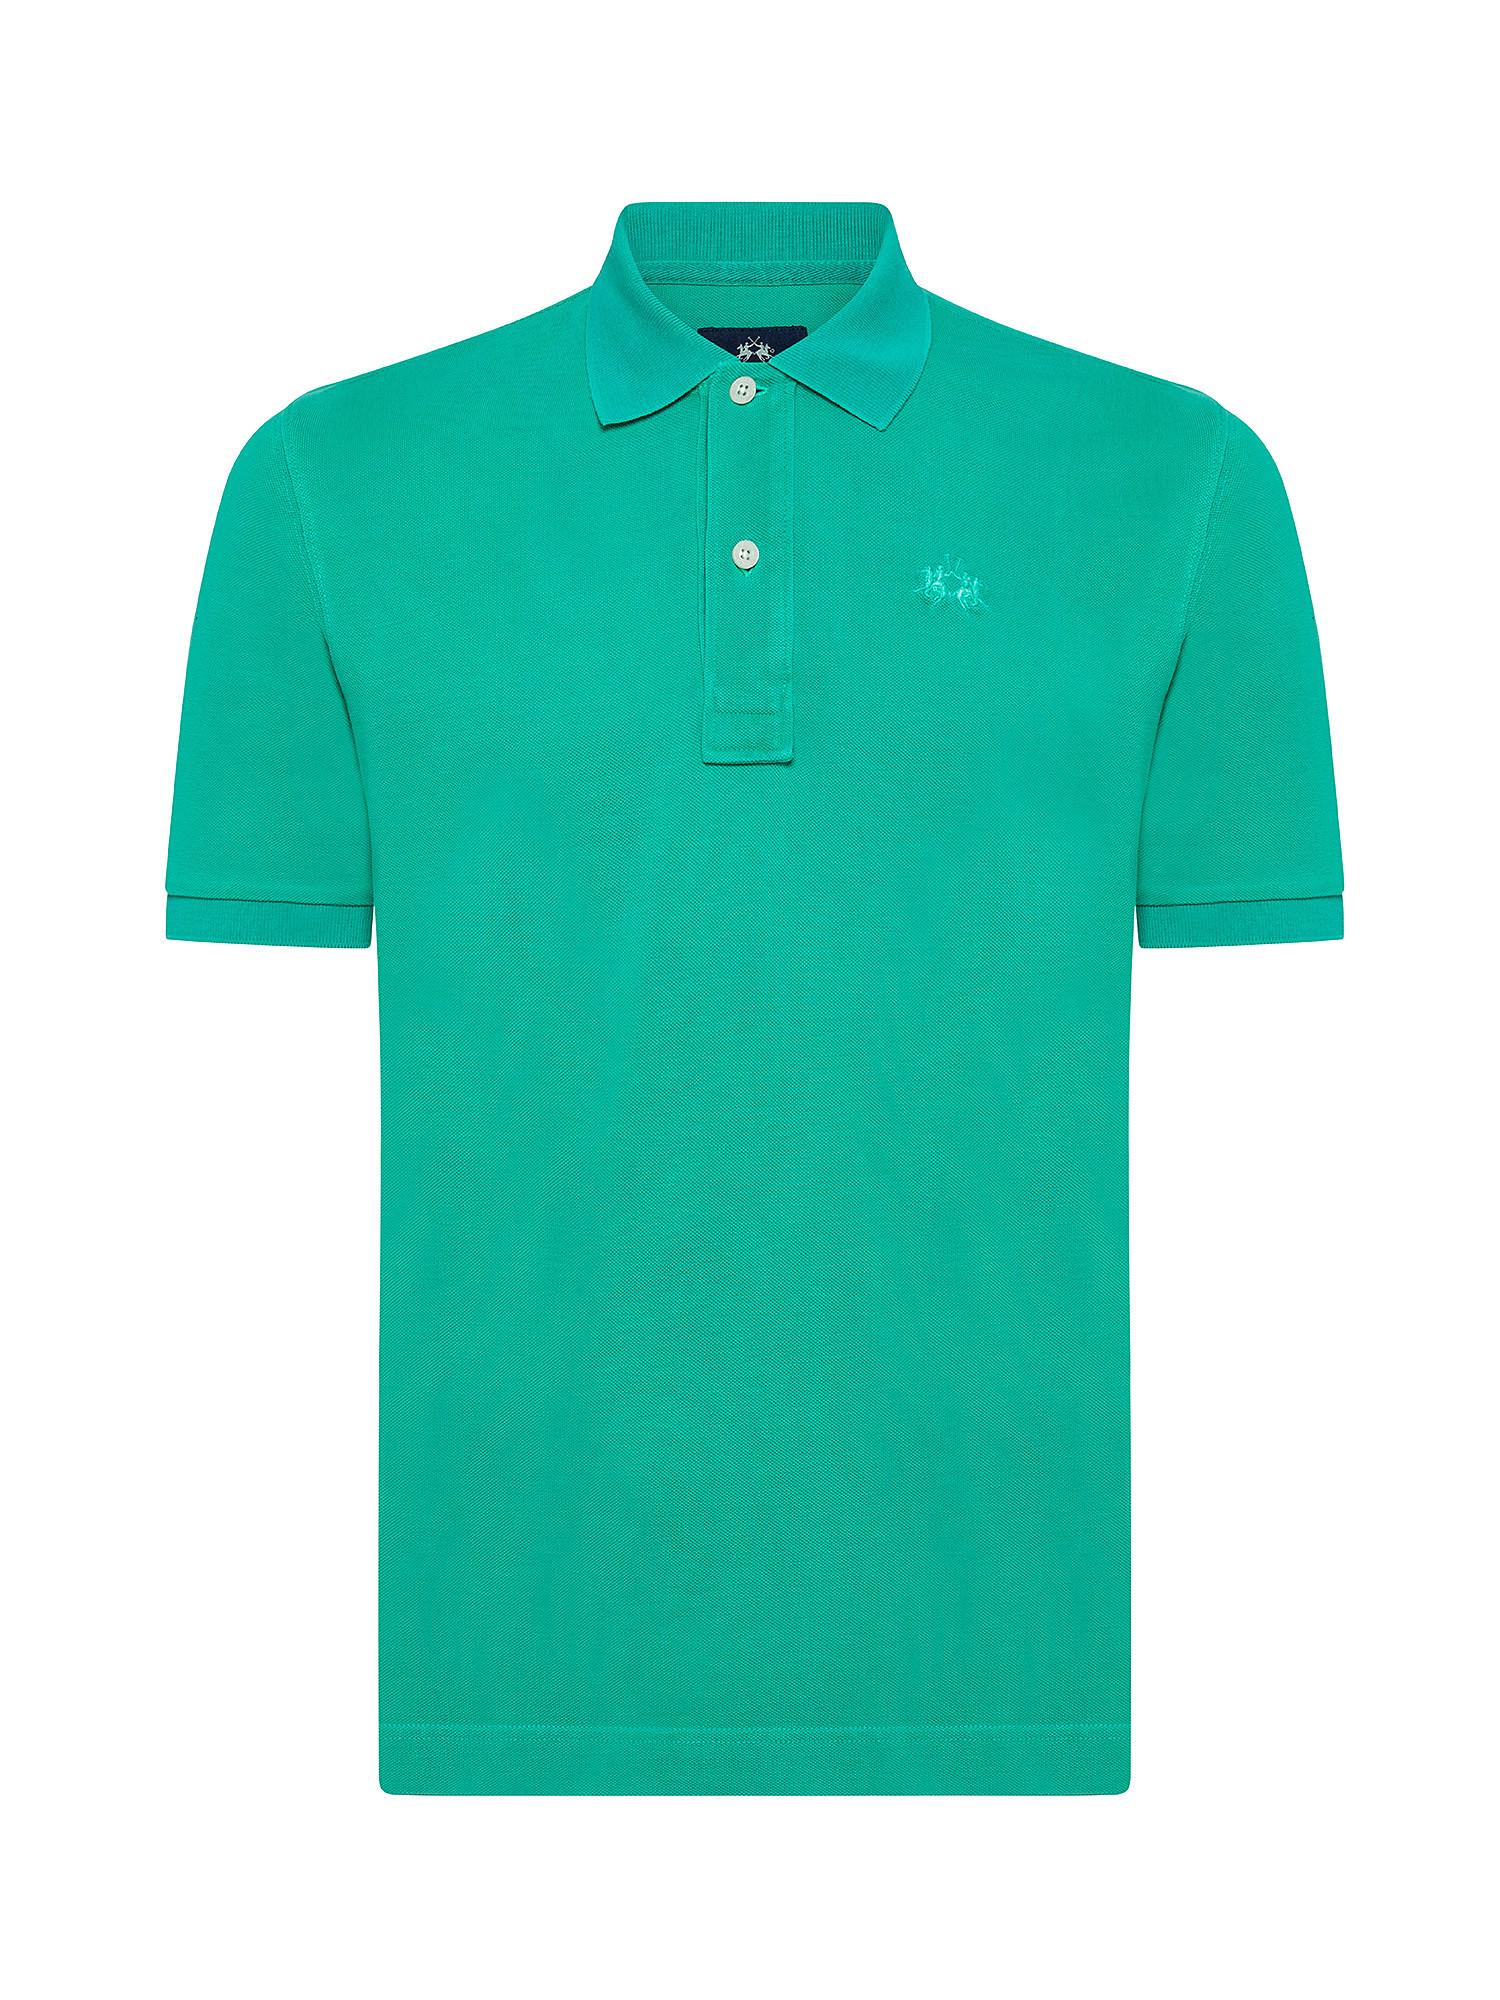 Polo da uomo a maniche corte in cotone regular fit, Verde, large image number 0